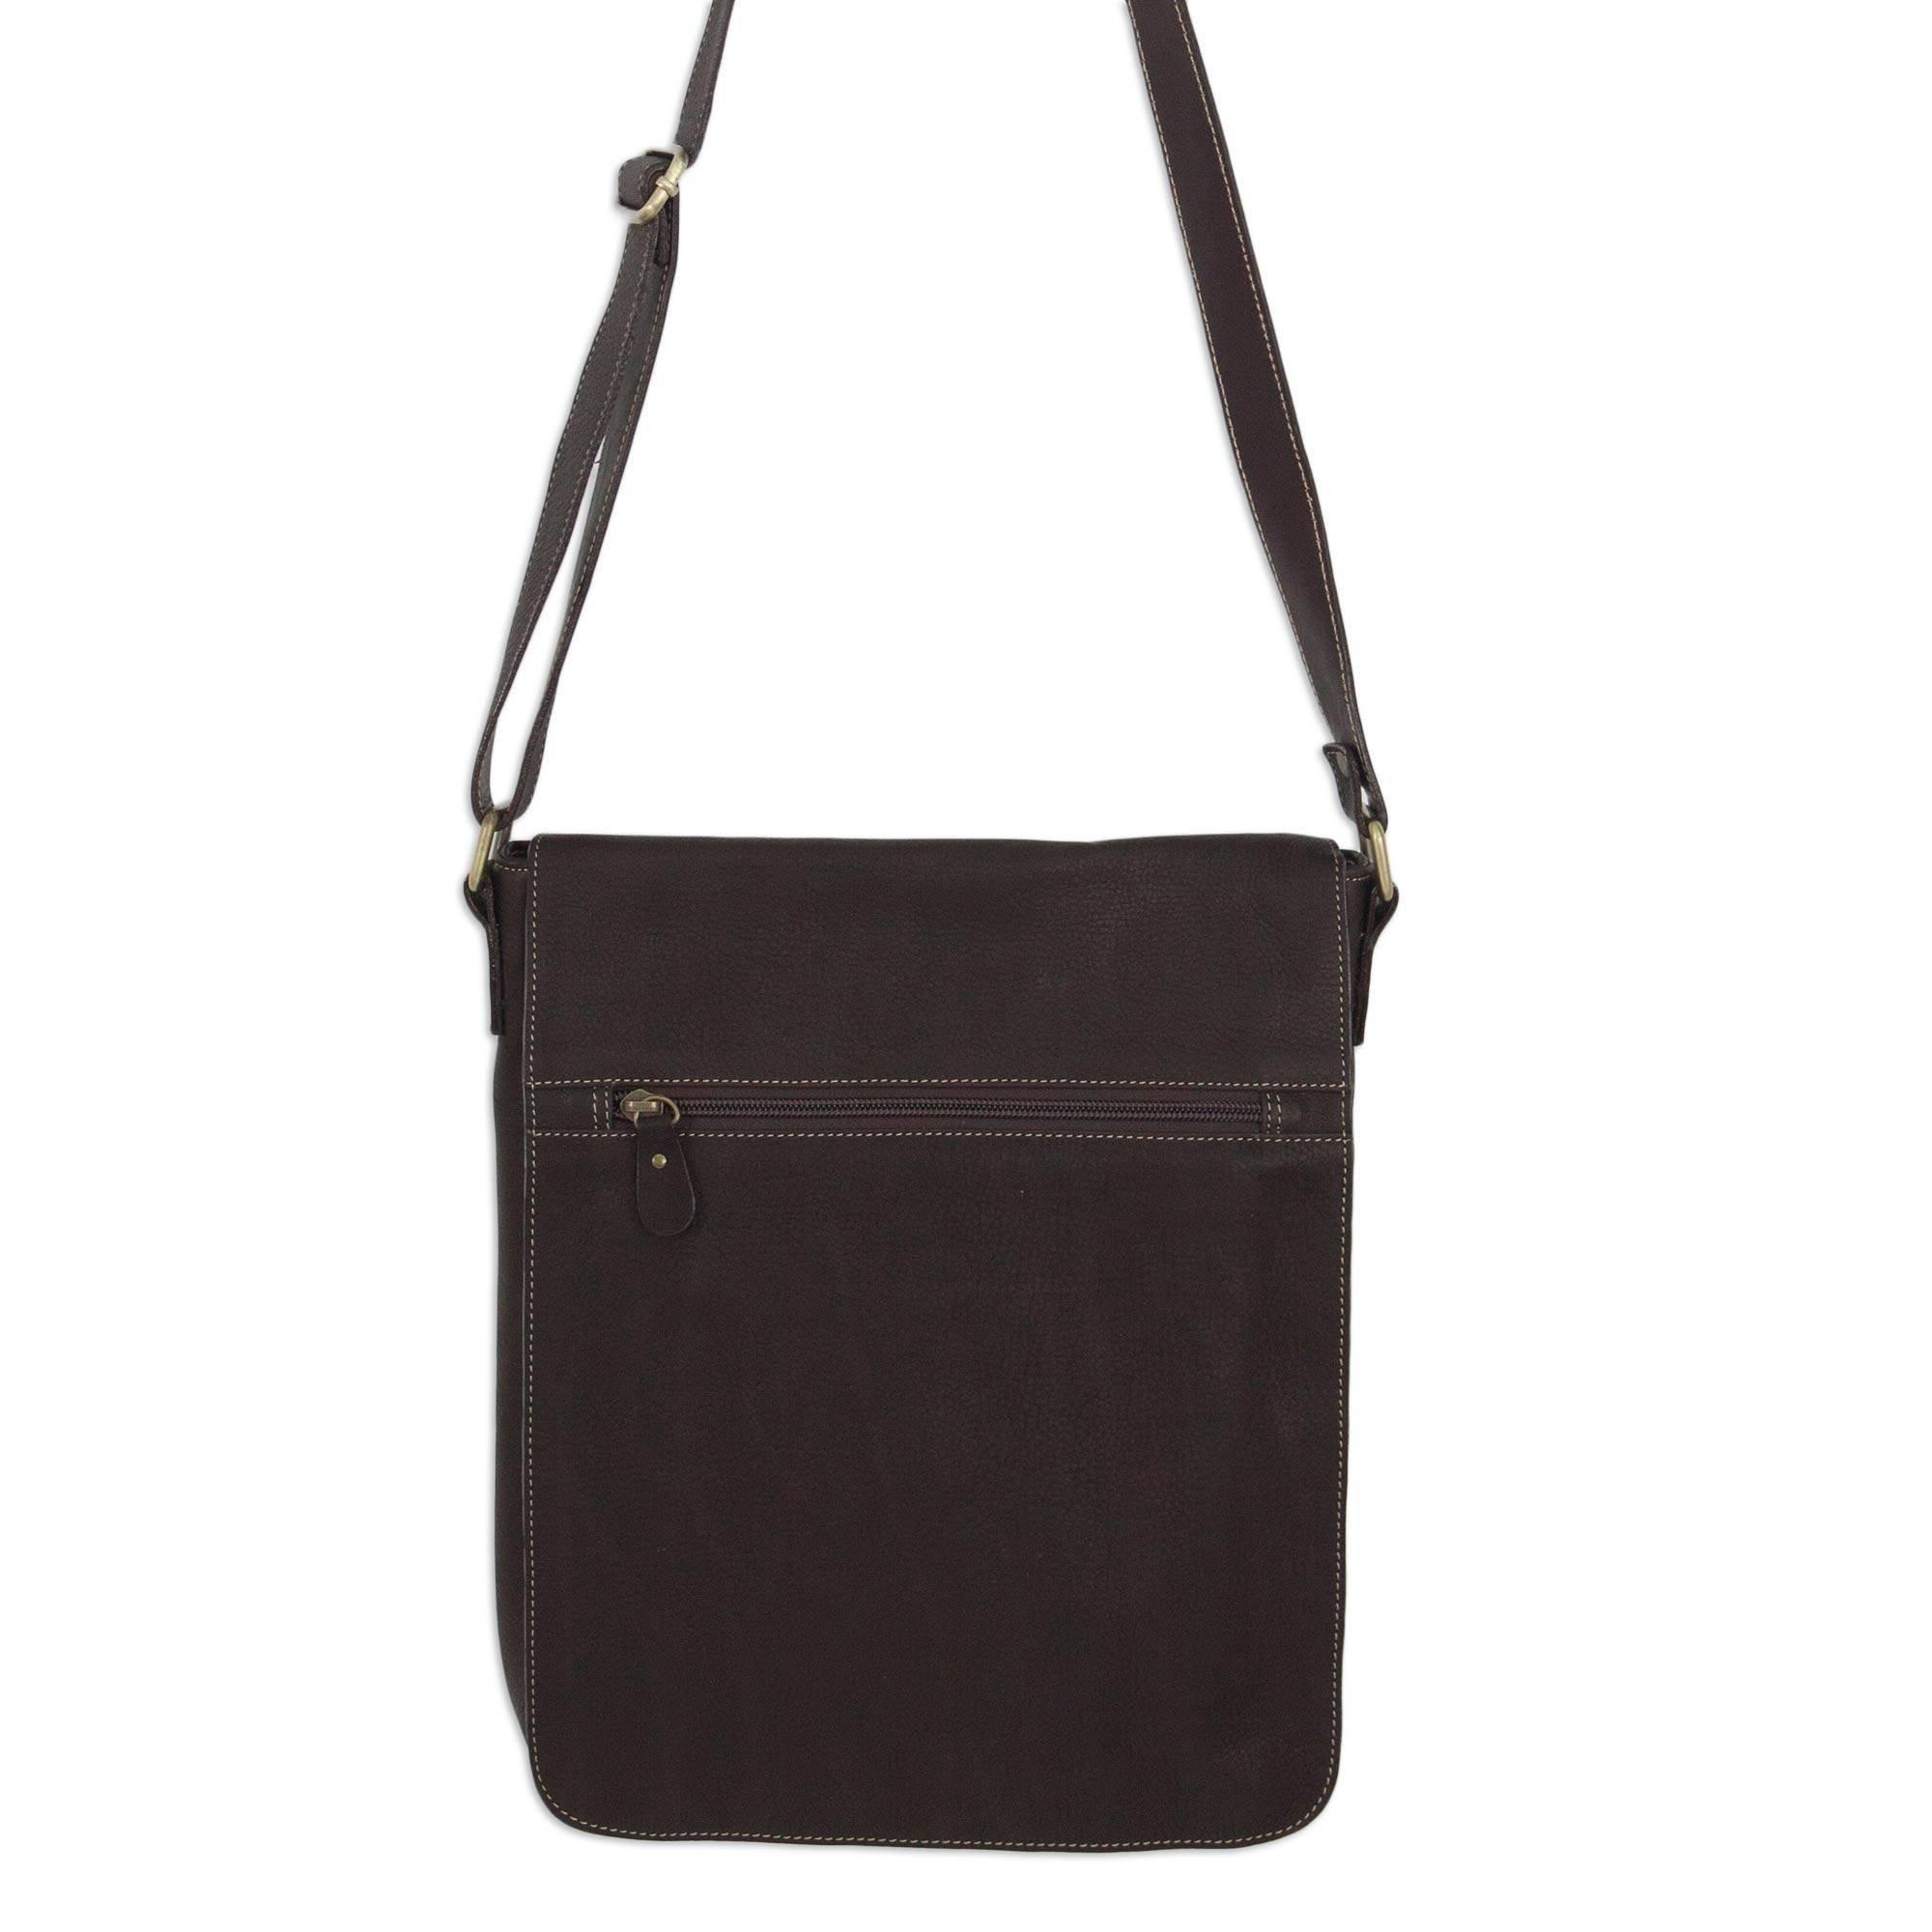 NOVICA Brown Leather Messenger Bag, 'Weekday Espresso'